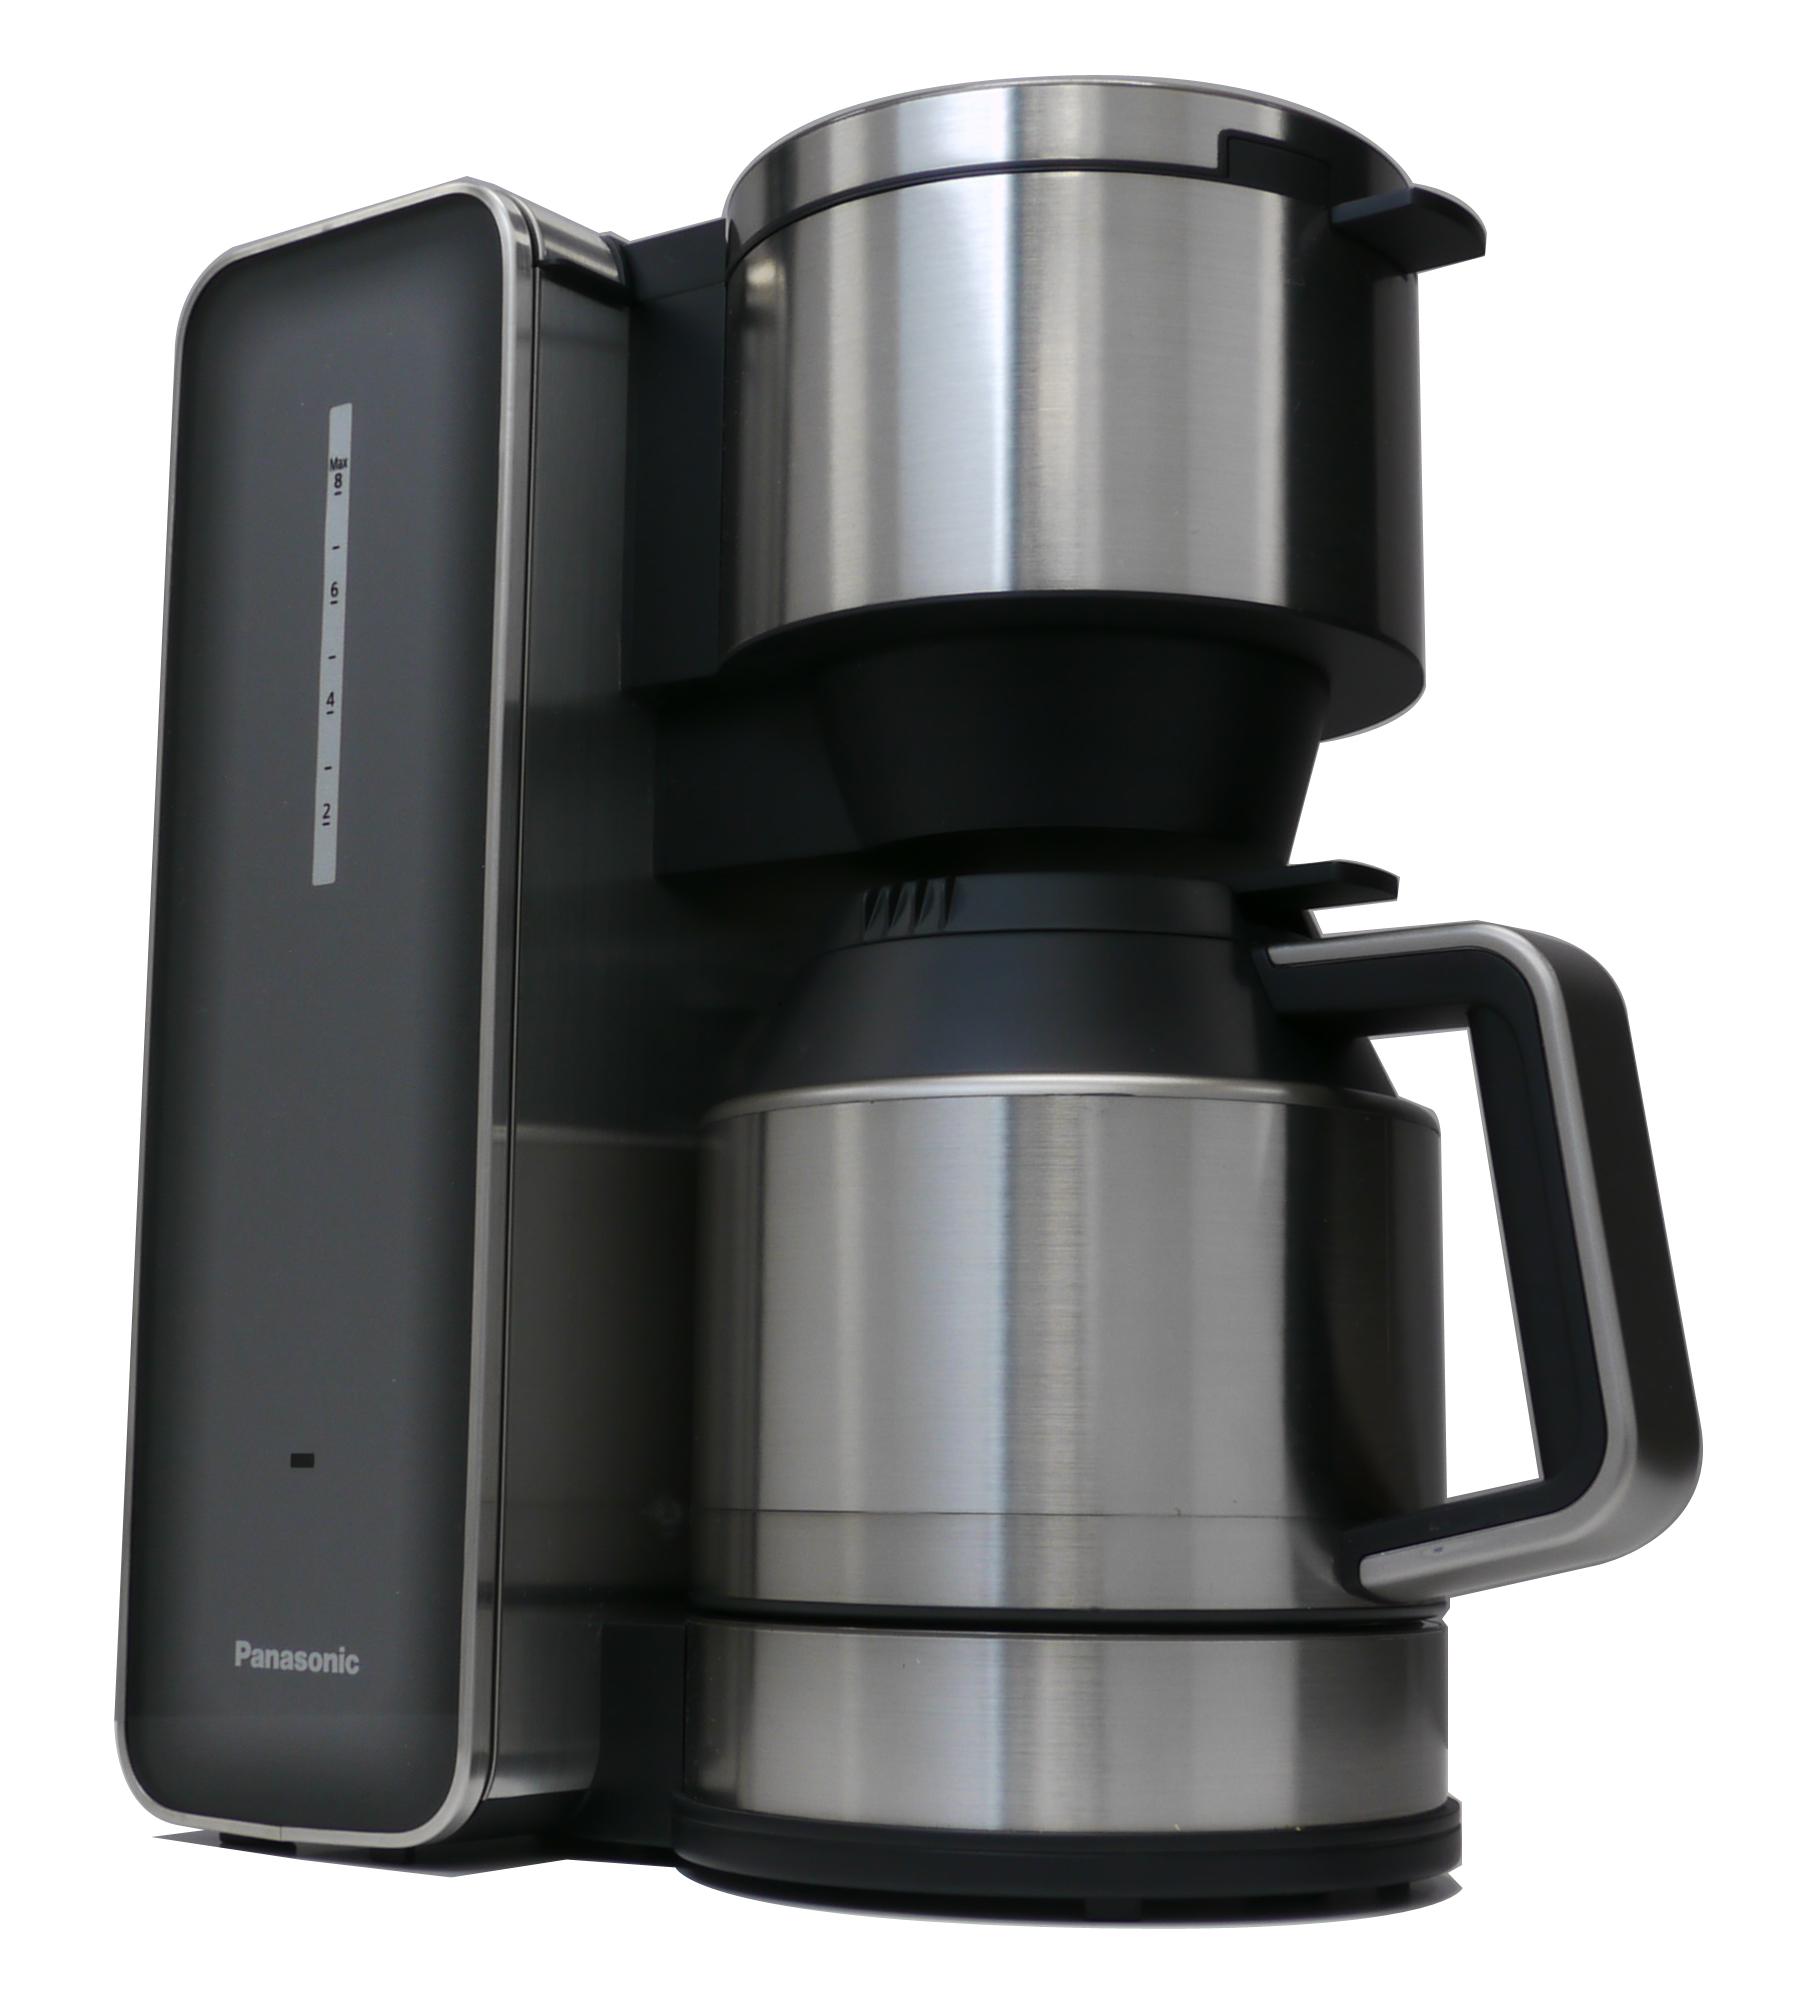 Panasonic NC ZF1 Filterkaffeemaschine mit Isolierkanne für 65,90€